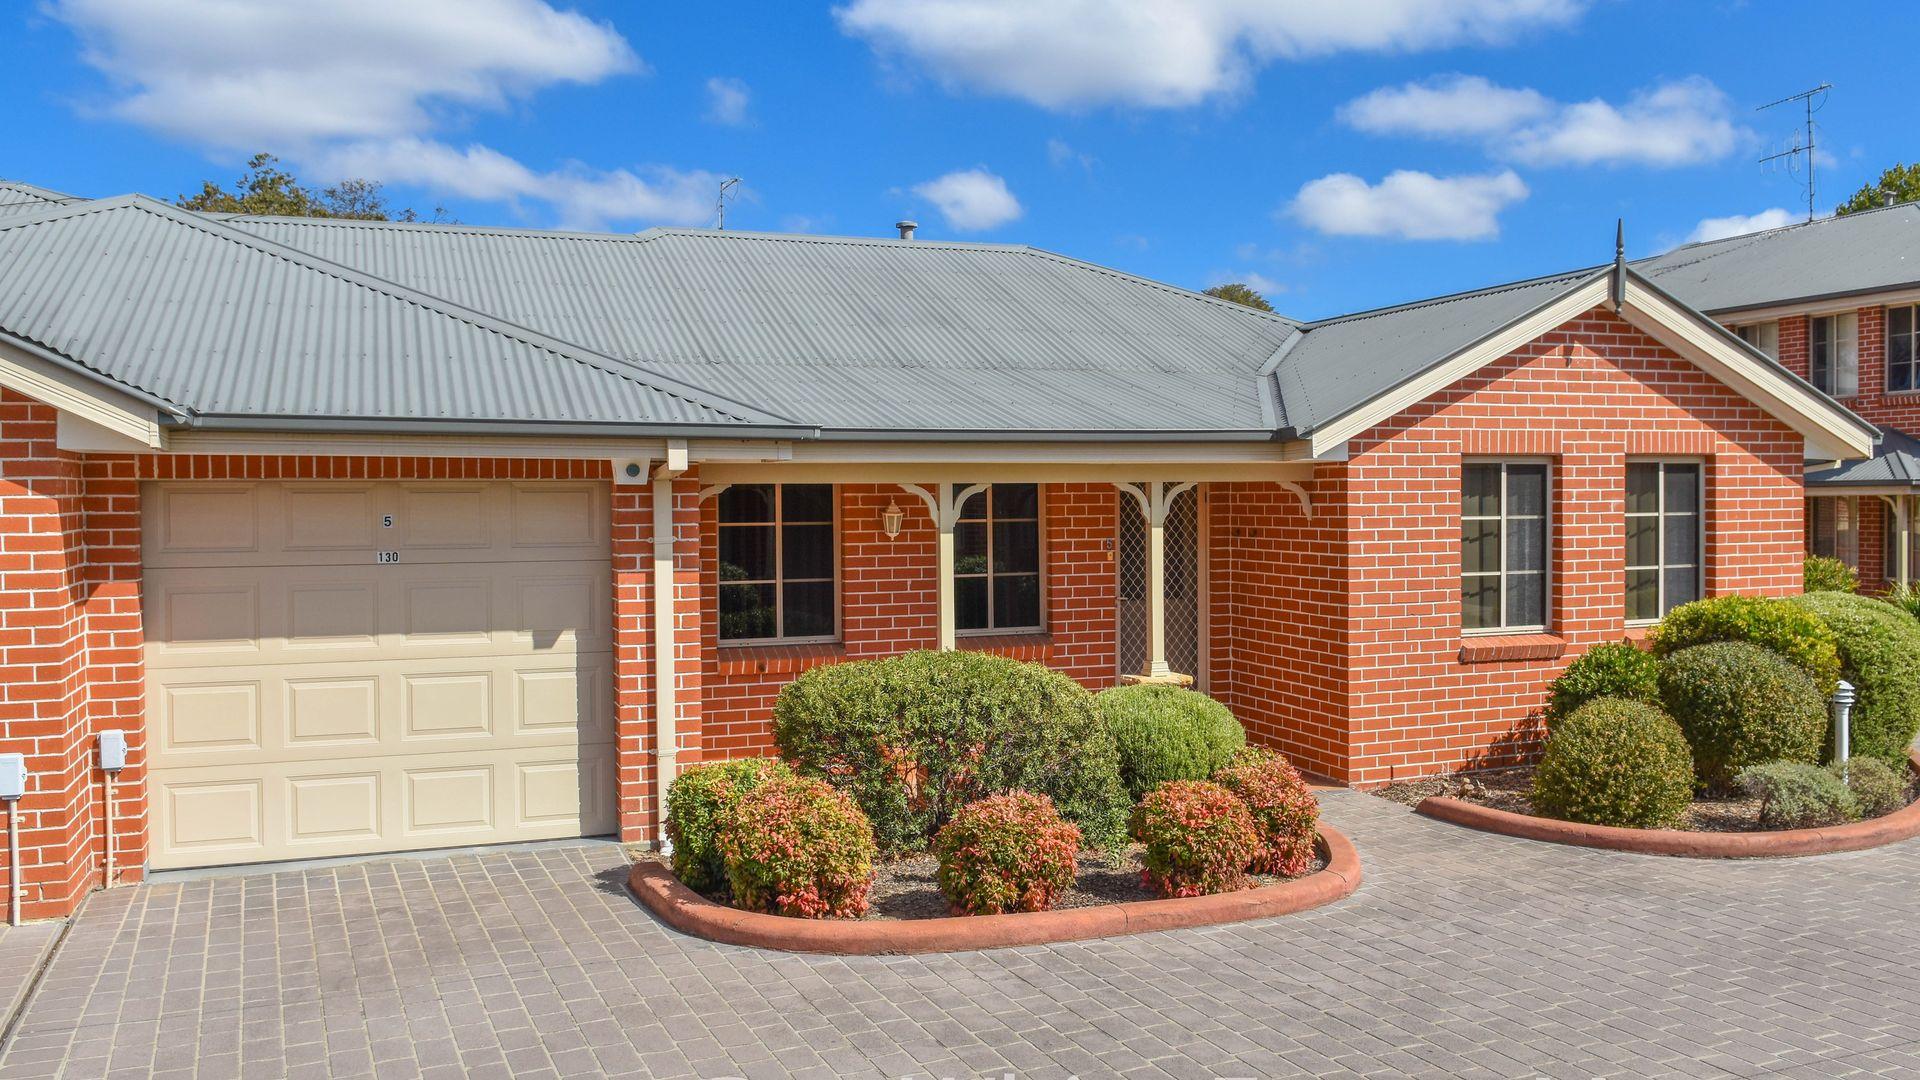 5/130 Howick Street, Bathurst NSW 2795, Image 1